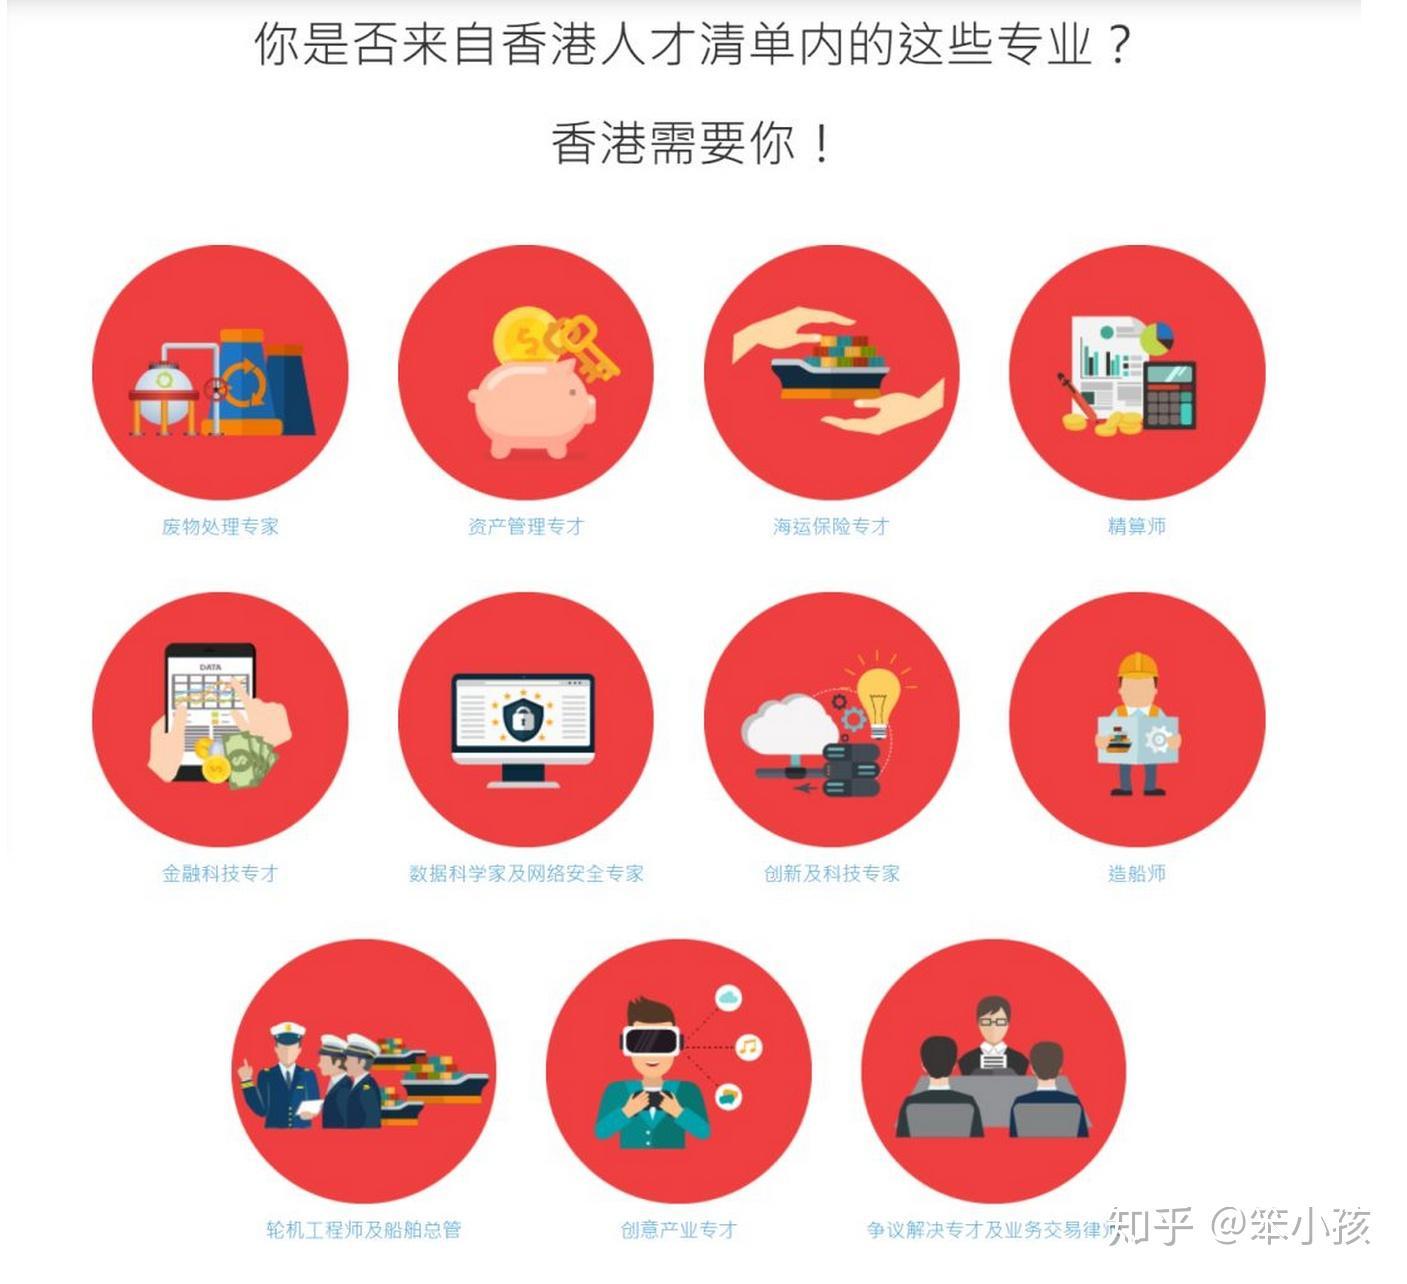 要多厉害才能通过香港优才入境计划移民?